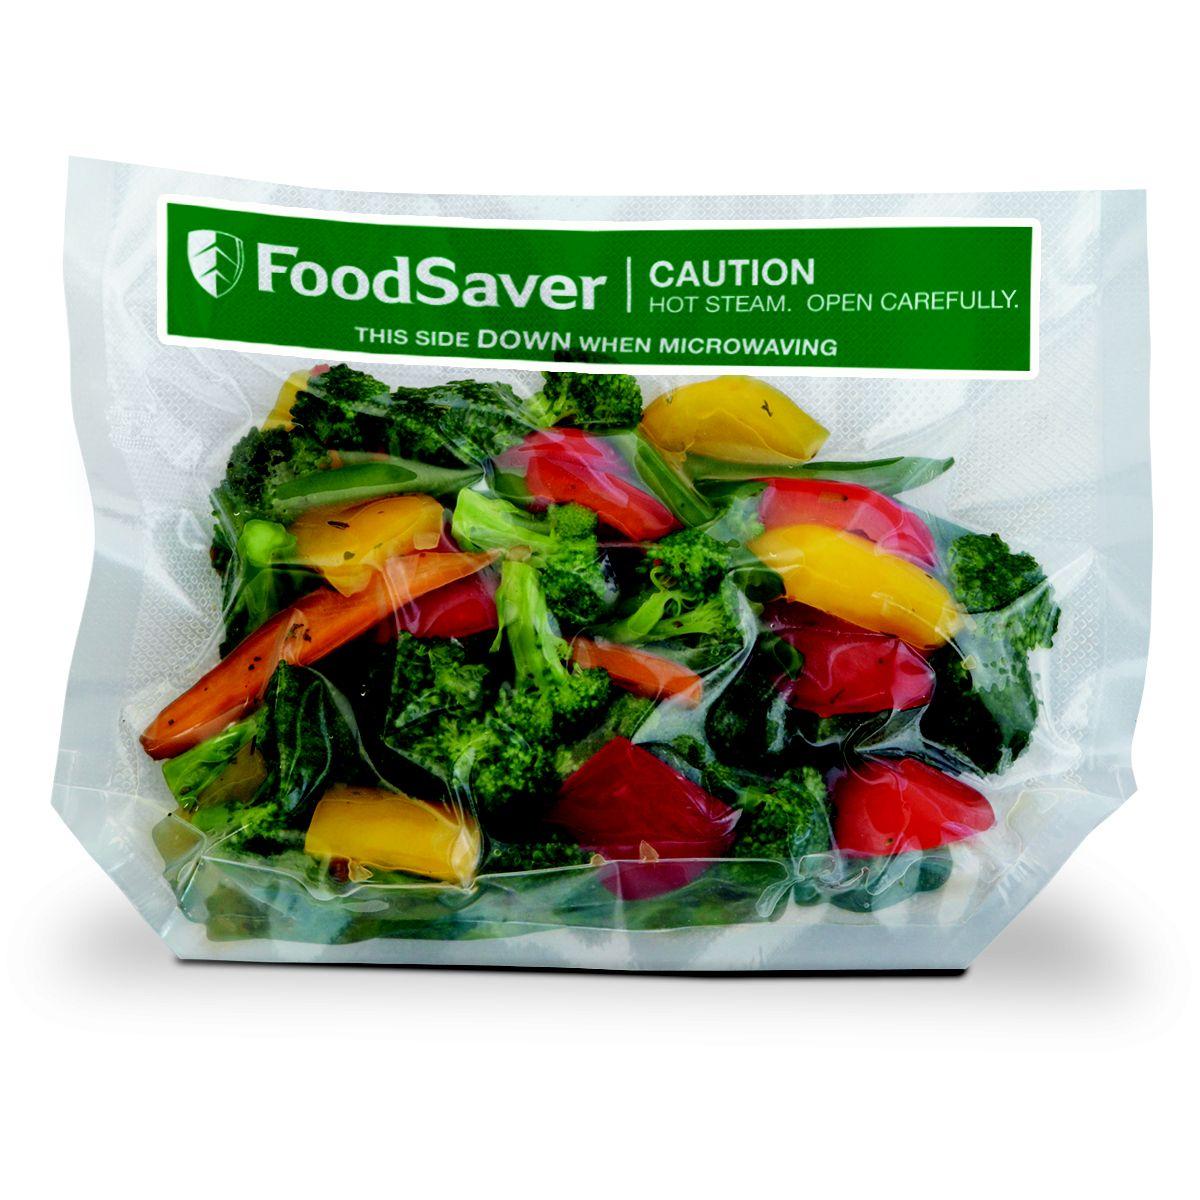 Accessoire food saver fvb002x sacs fond - produit coup de coeur webdistrib.com ! (photo)